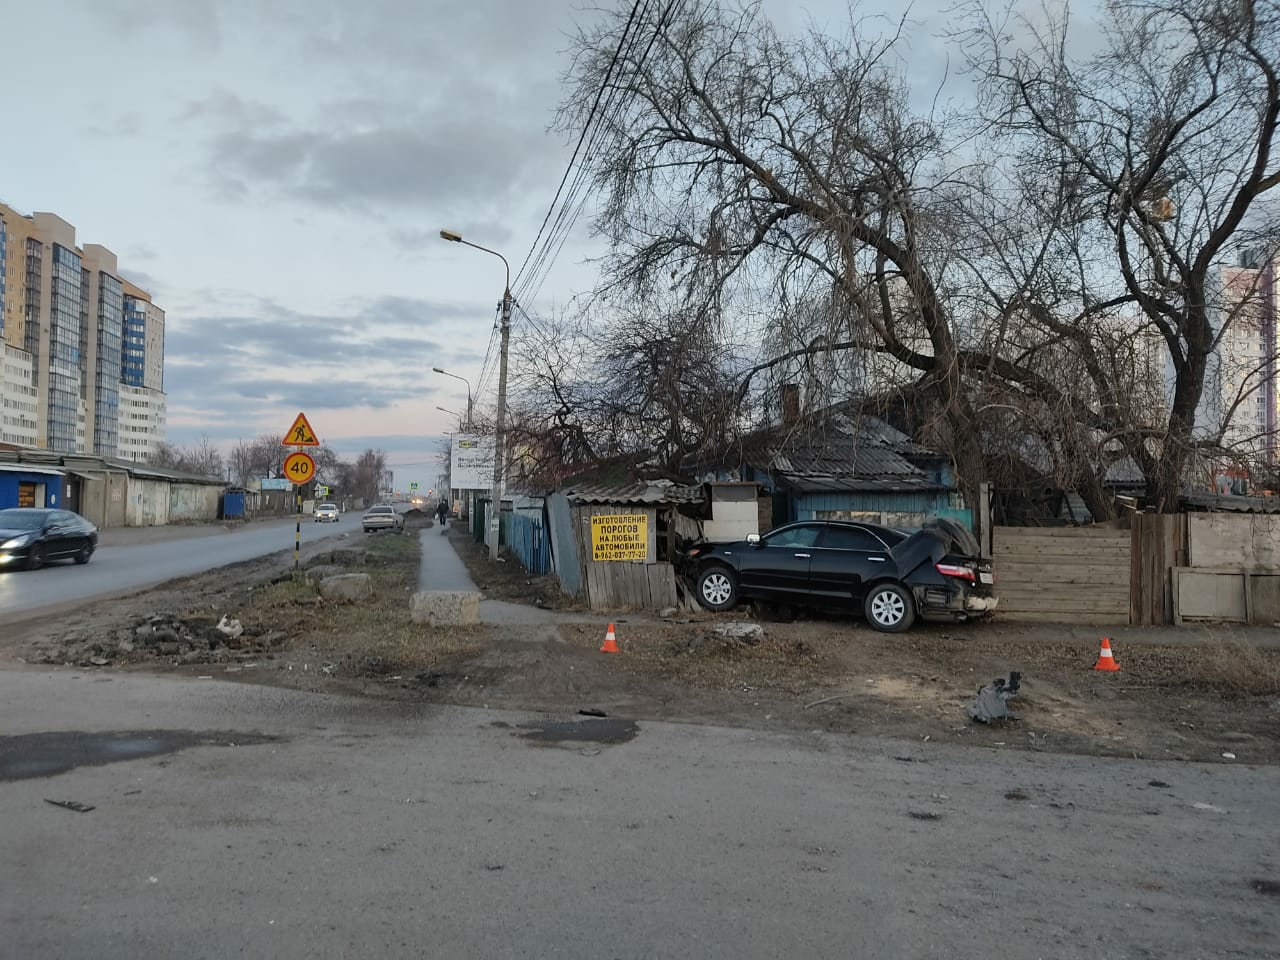 Омич на «тойоте» снес забор и отказался признавать себя пьяным #Новости #Общество #Омск